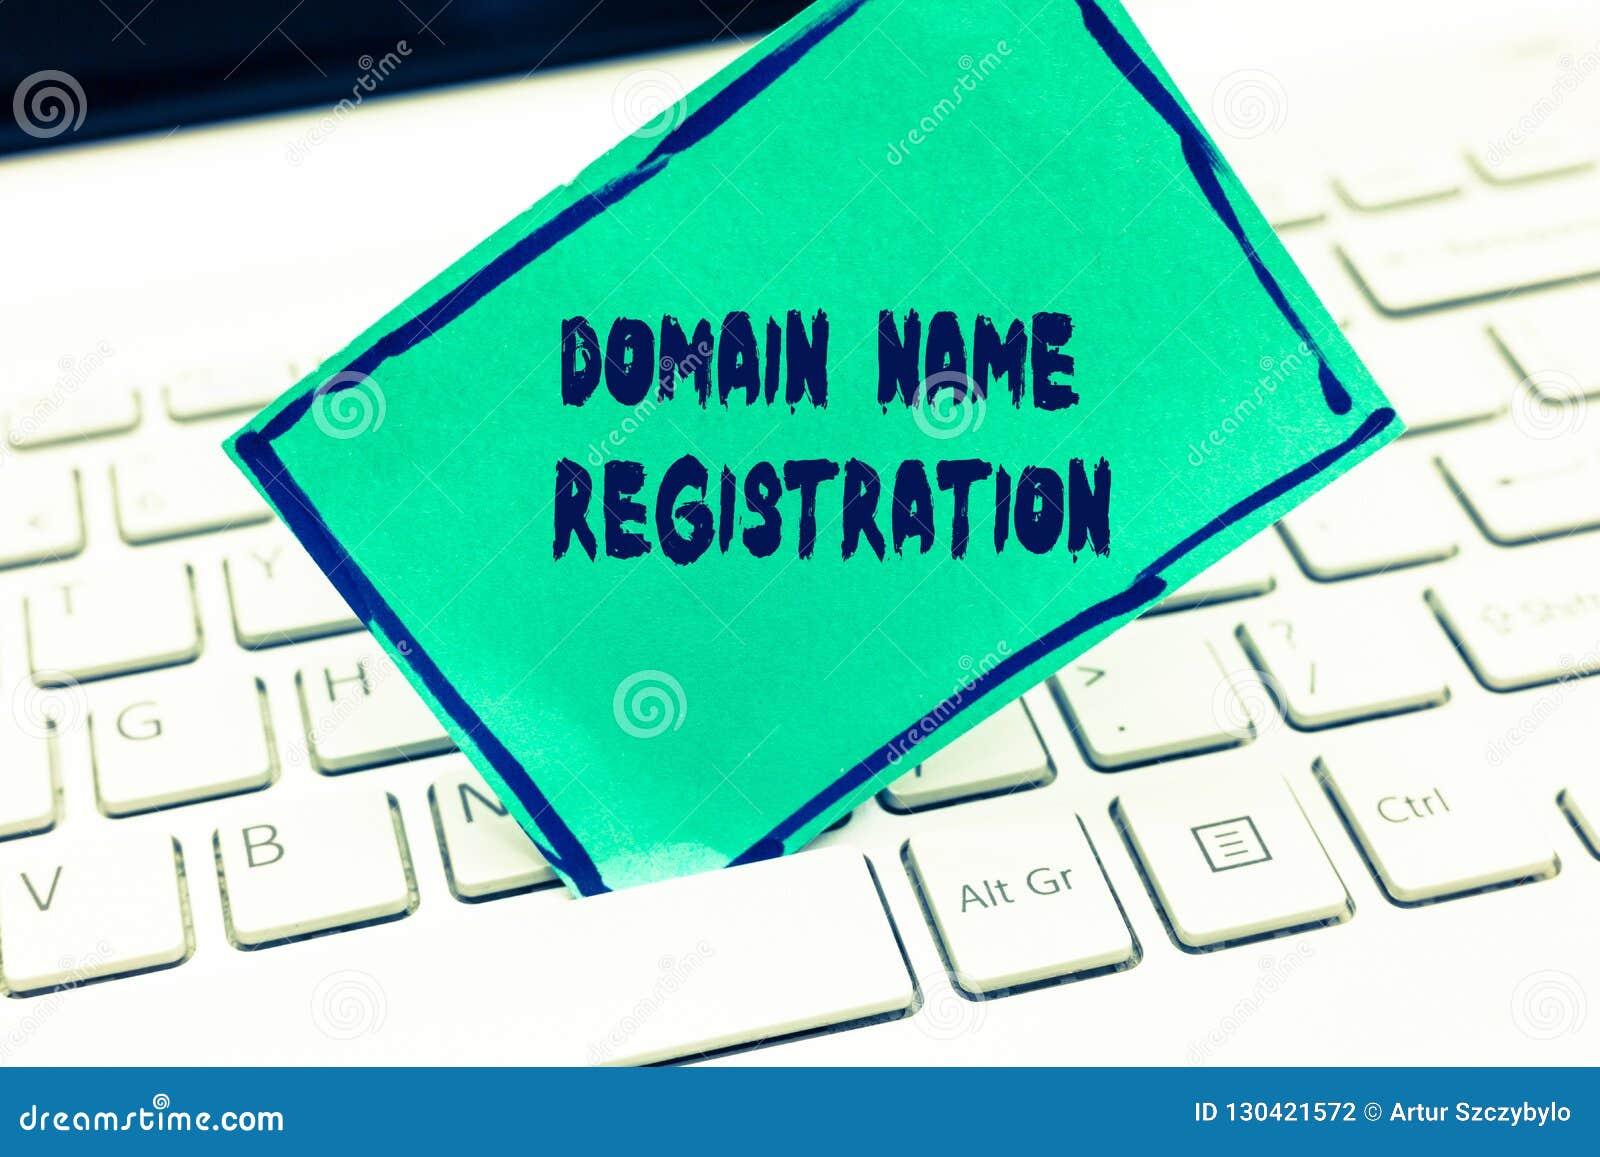 Registro del Domain Name del texto de la escritura de la palabra El concepto del negocio para propio una dirección IP identifica